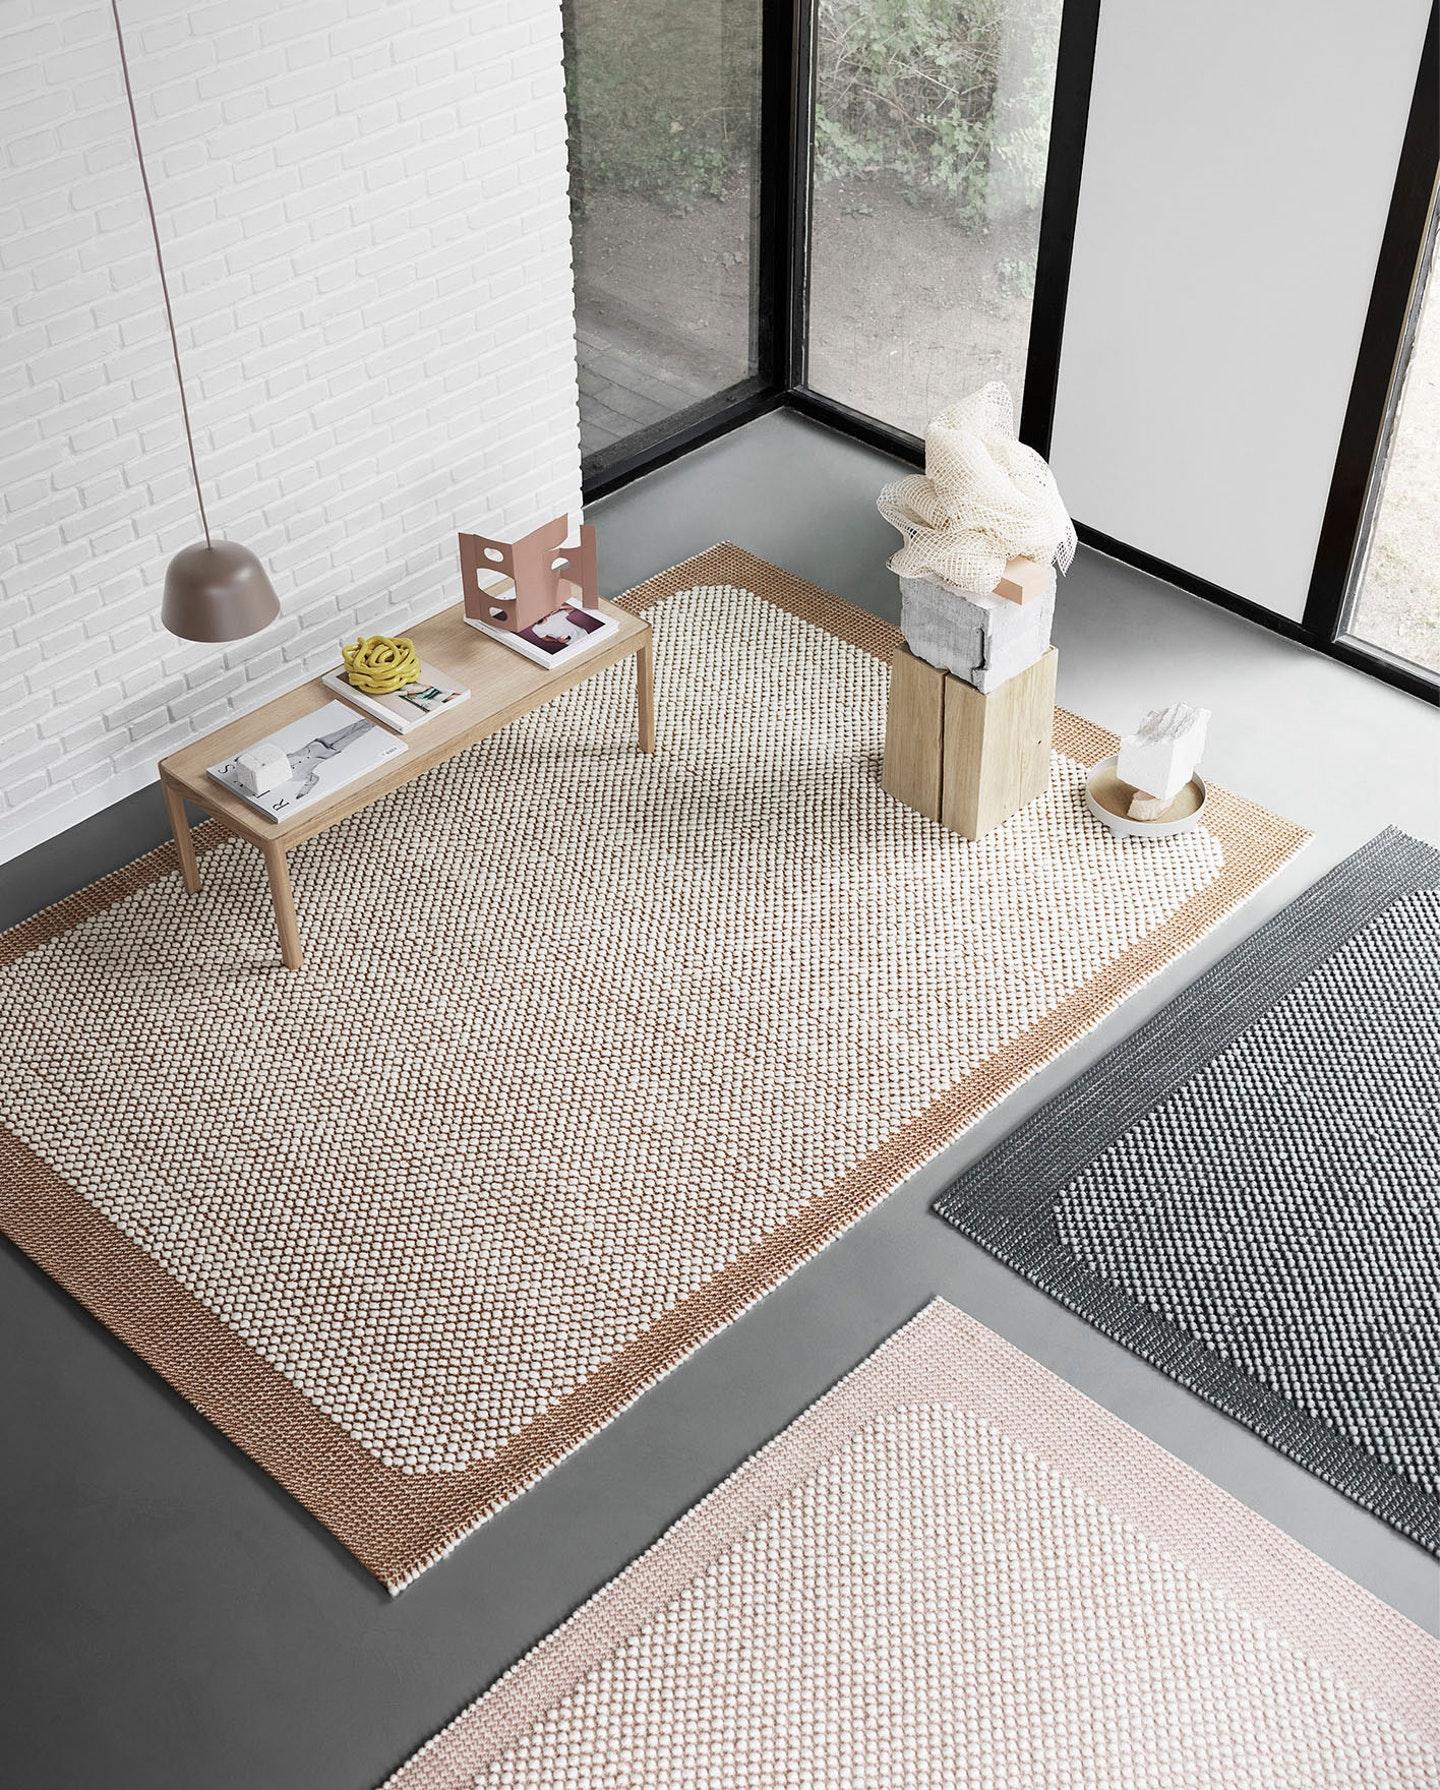 thảm trải sàn Muuto-Pebble-rugs-elledecoration vietnam 9